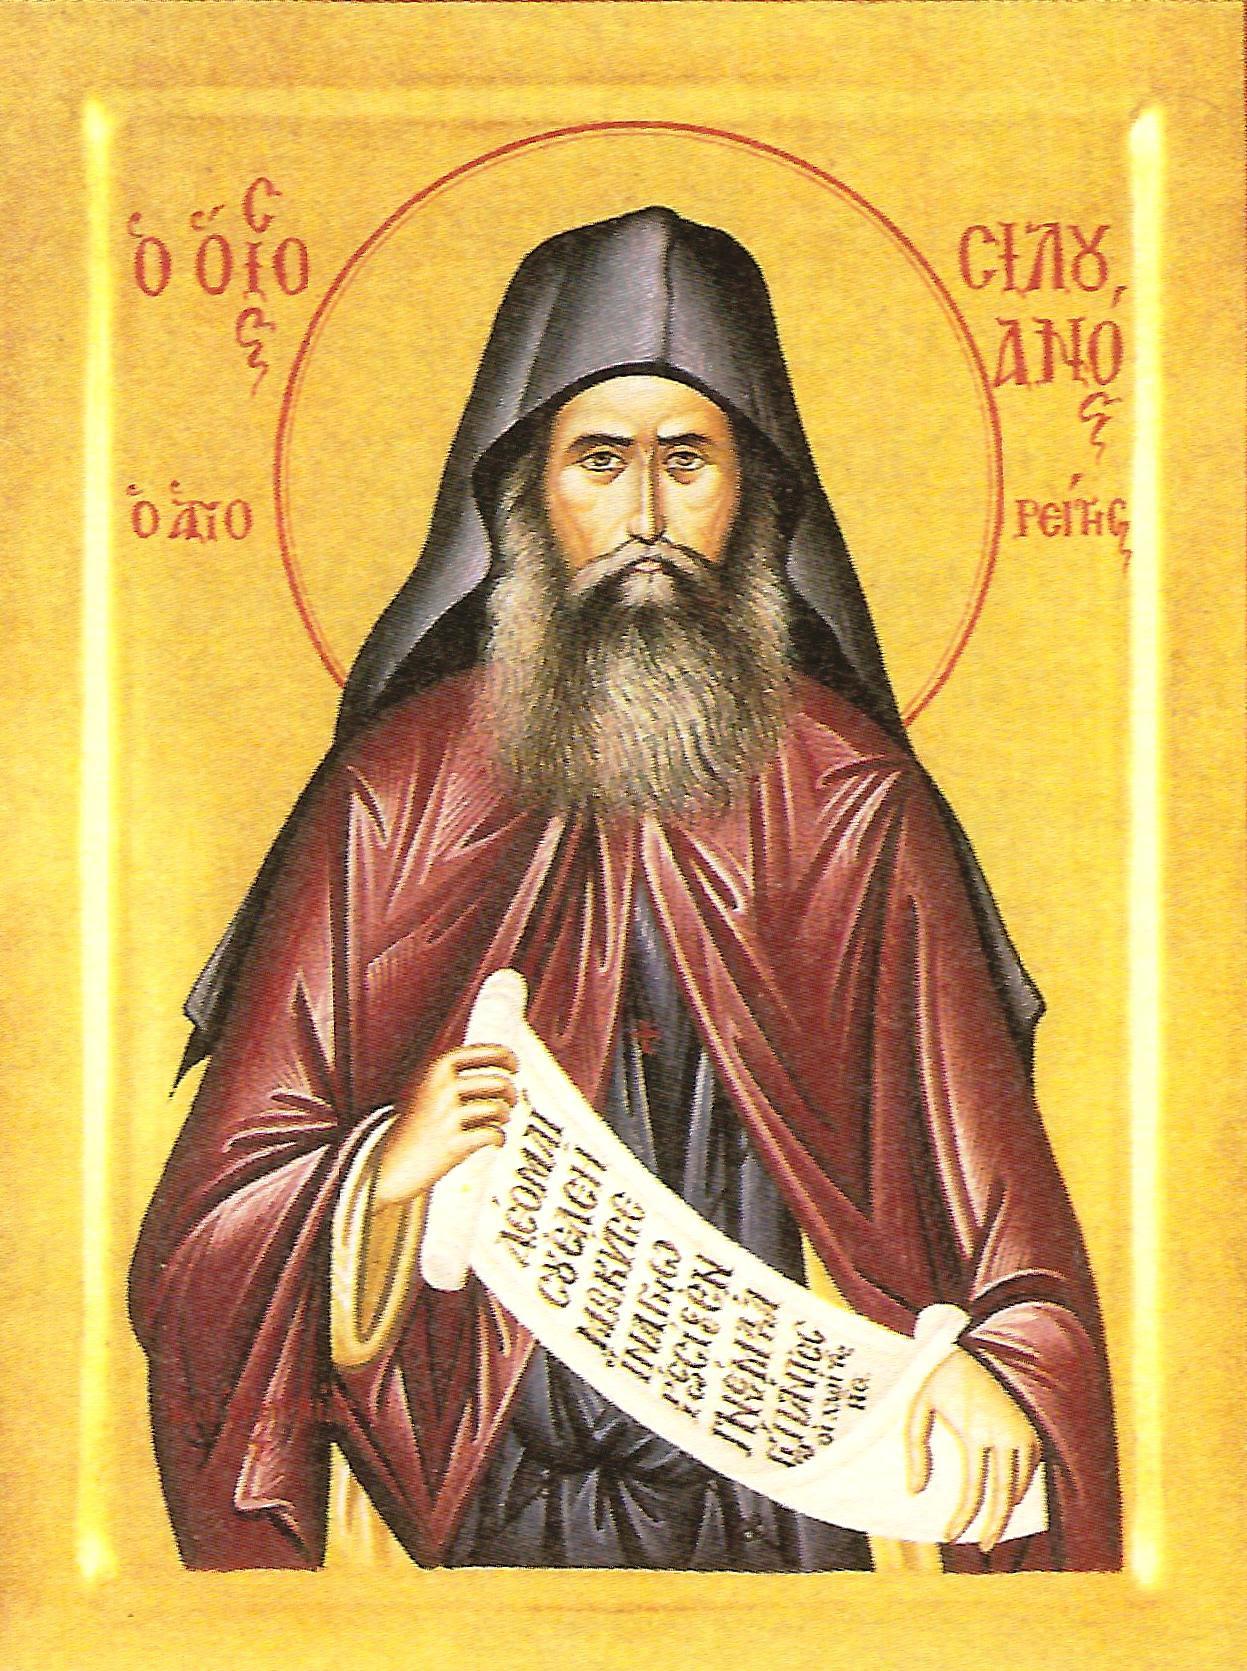 Αποτέλεσμα εικόνας για αγιοσ σιλουανοσ εικονα